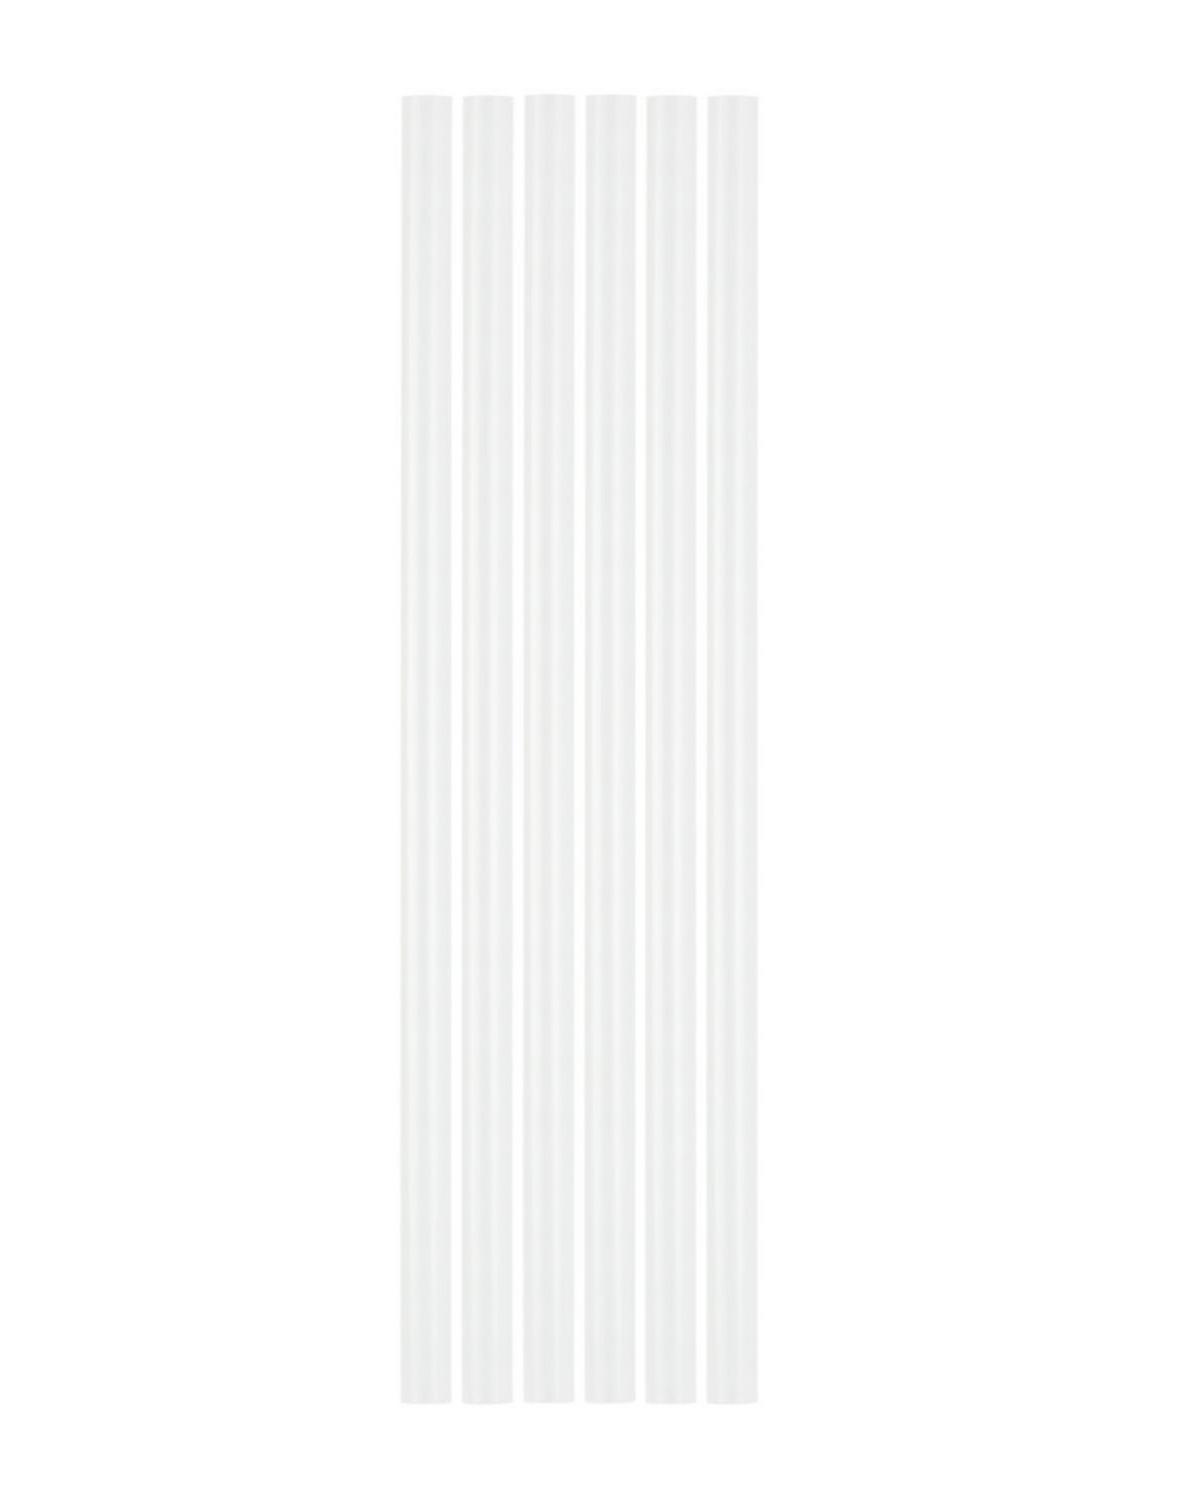 103227 tervisstrawfrosted slider